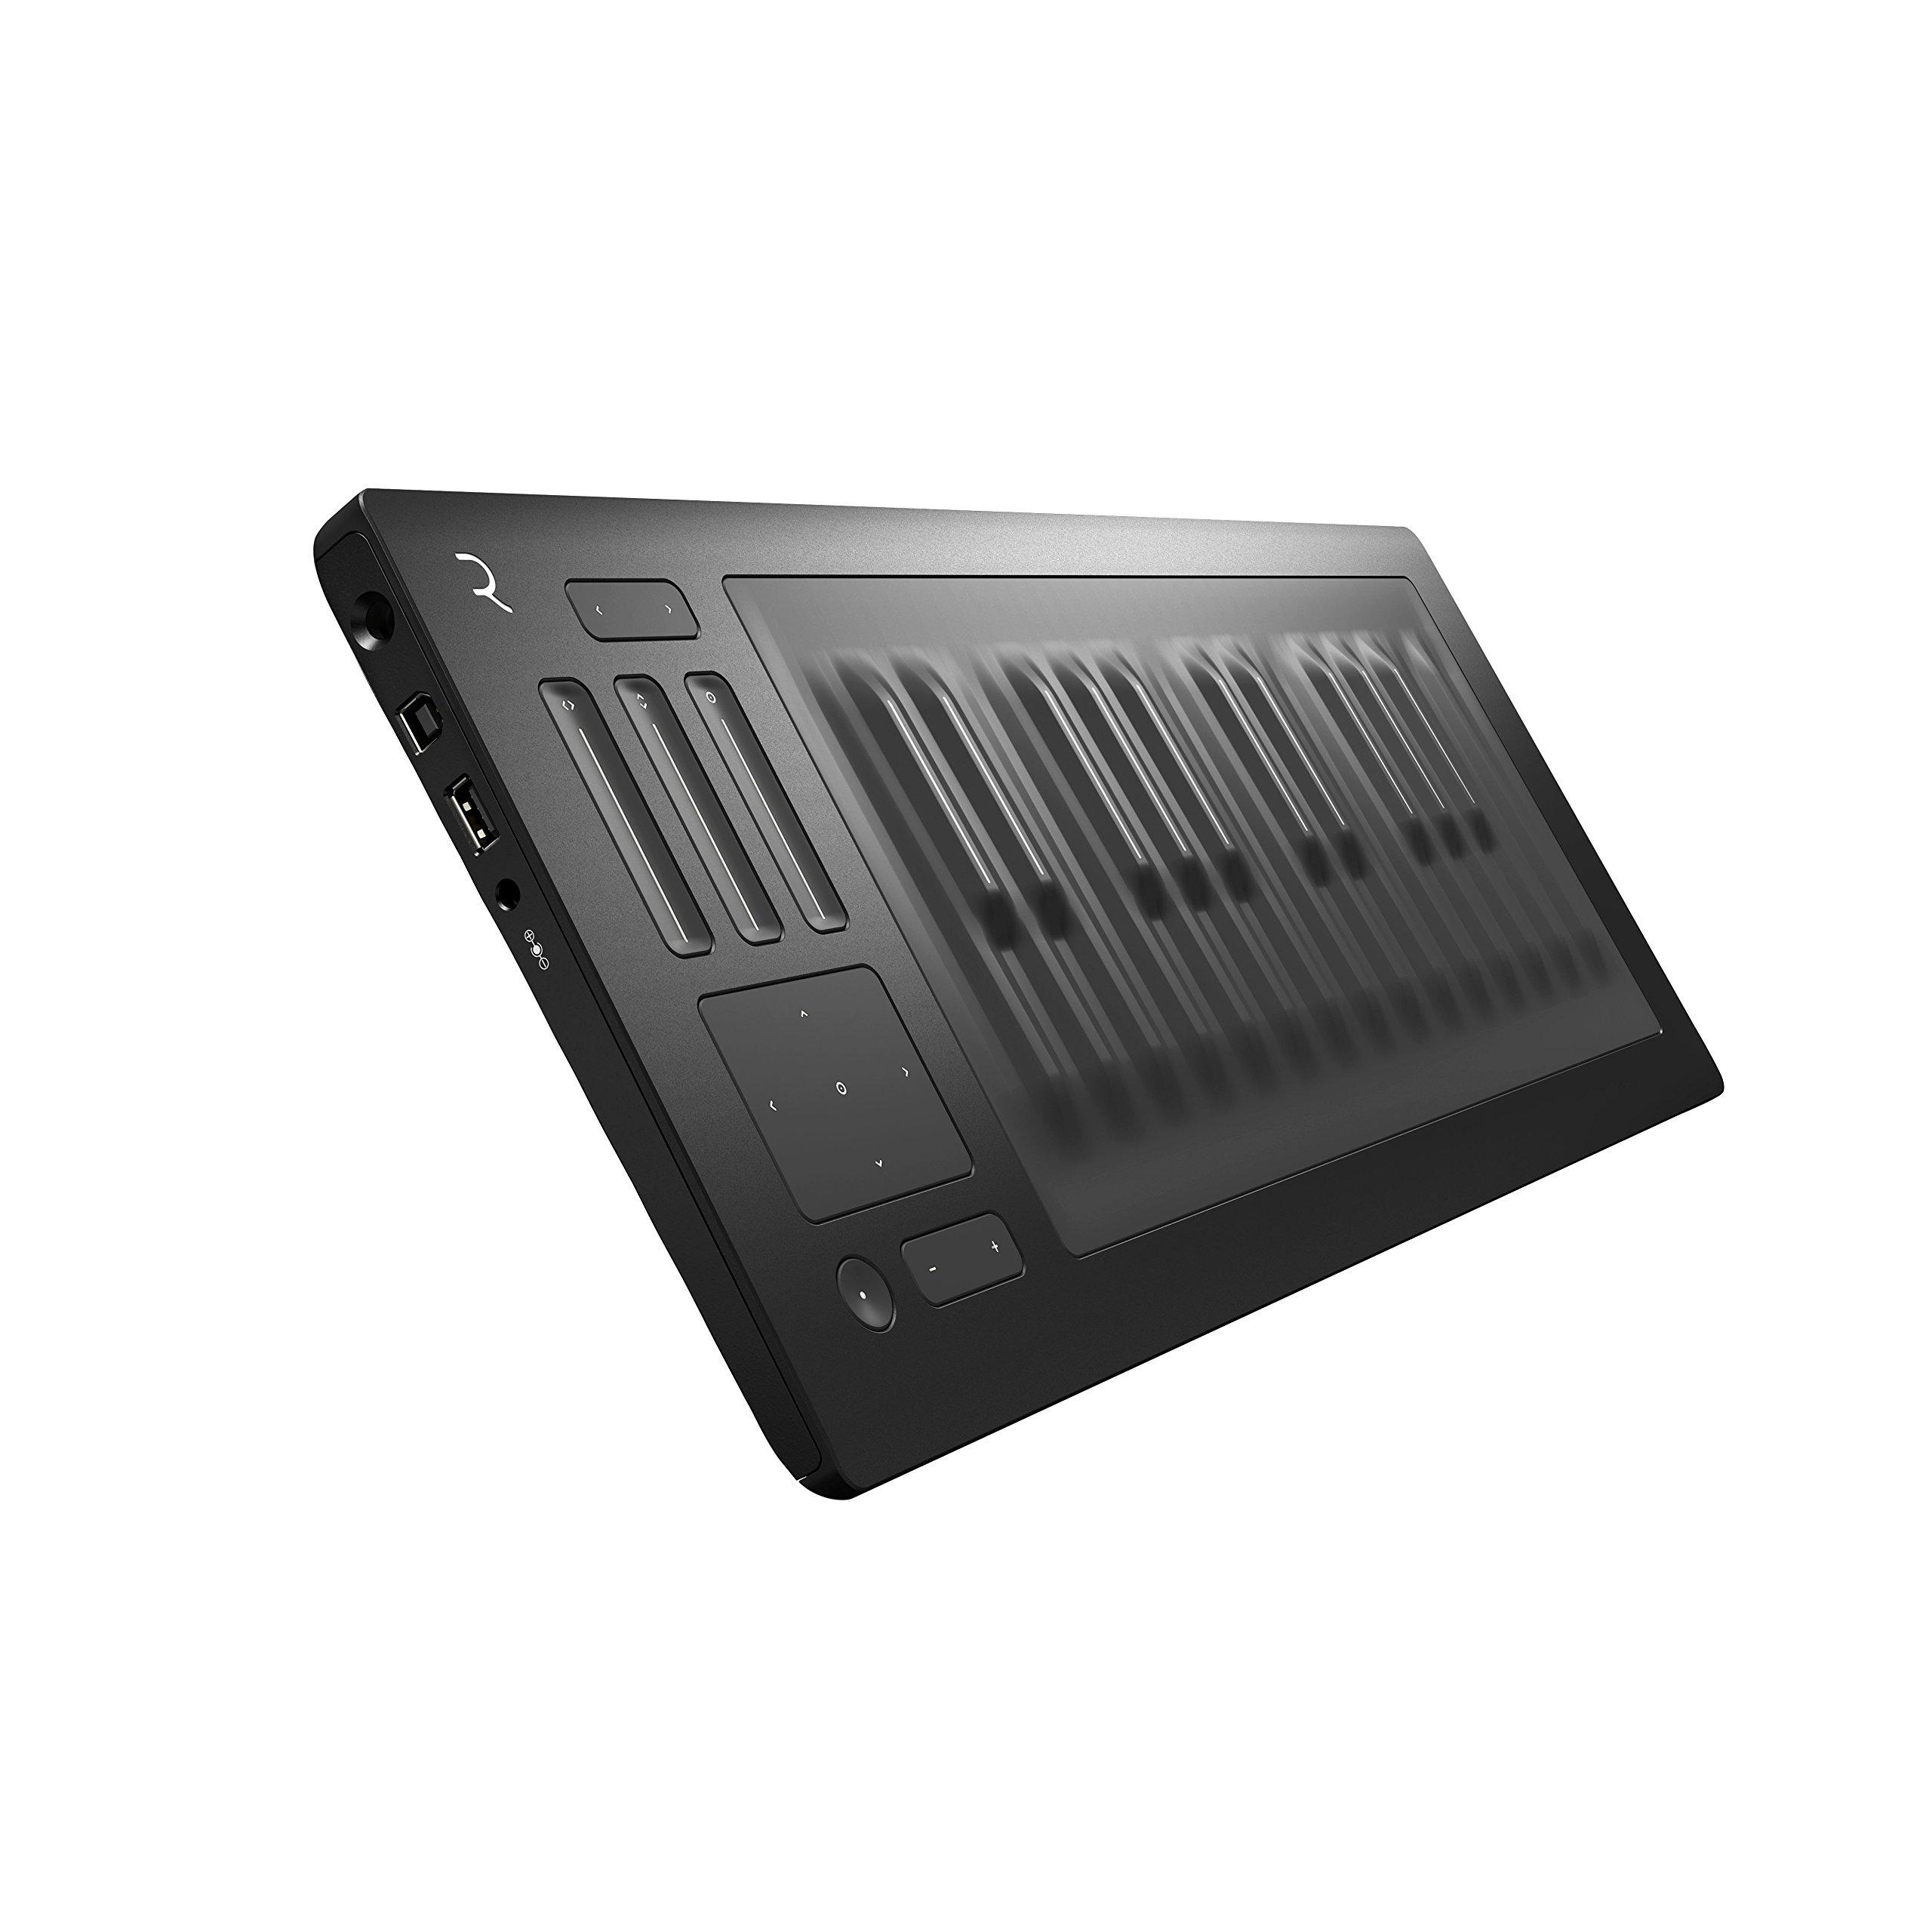 ROLI Seaboard Rise 25 25 Key Keyboard Controller by ROLI (Image #7)